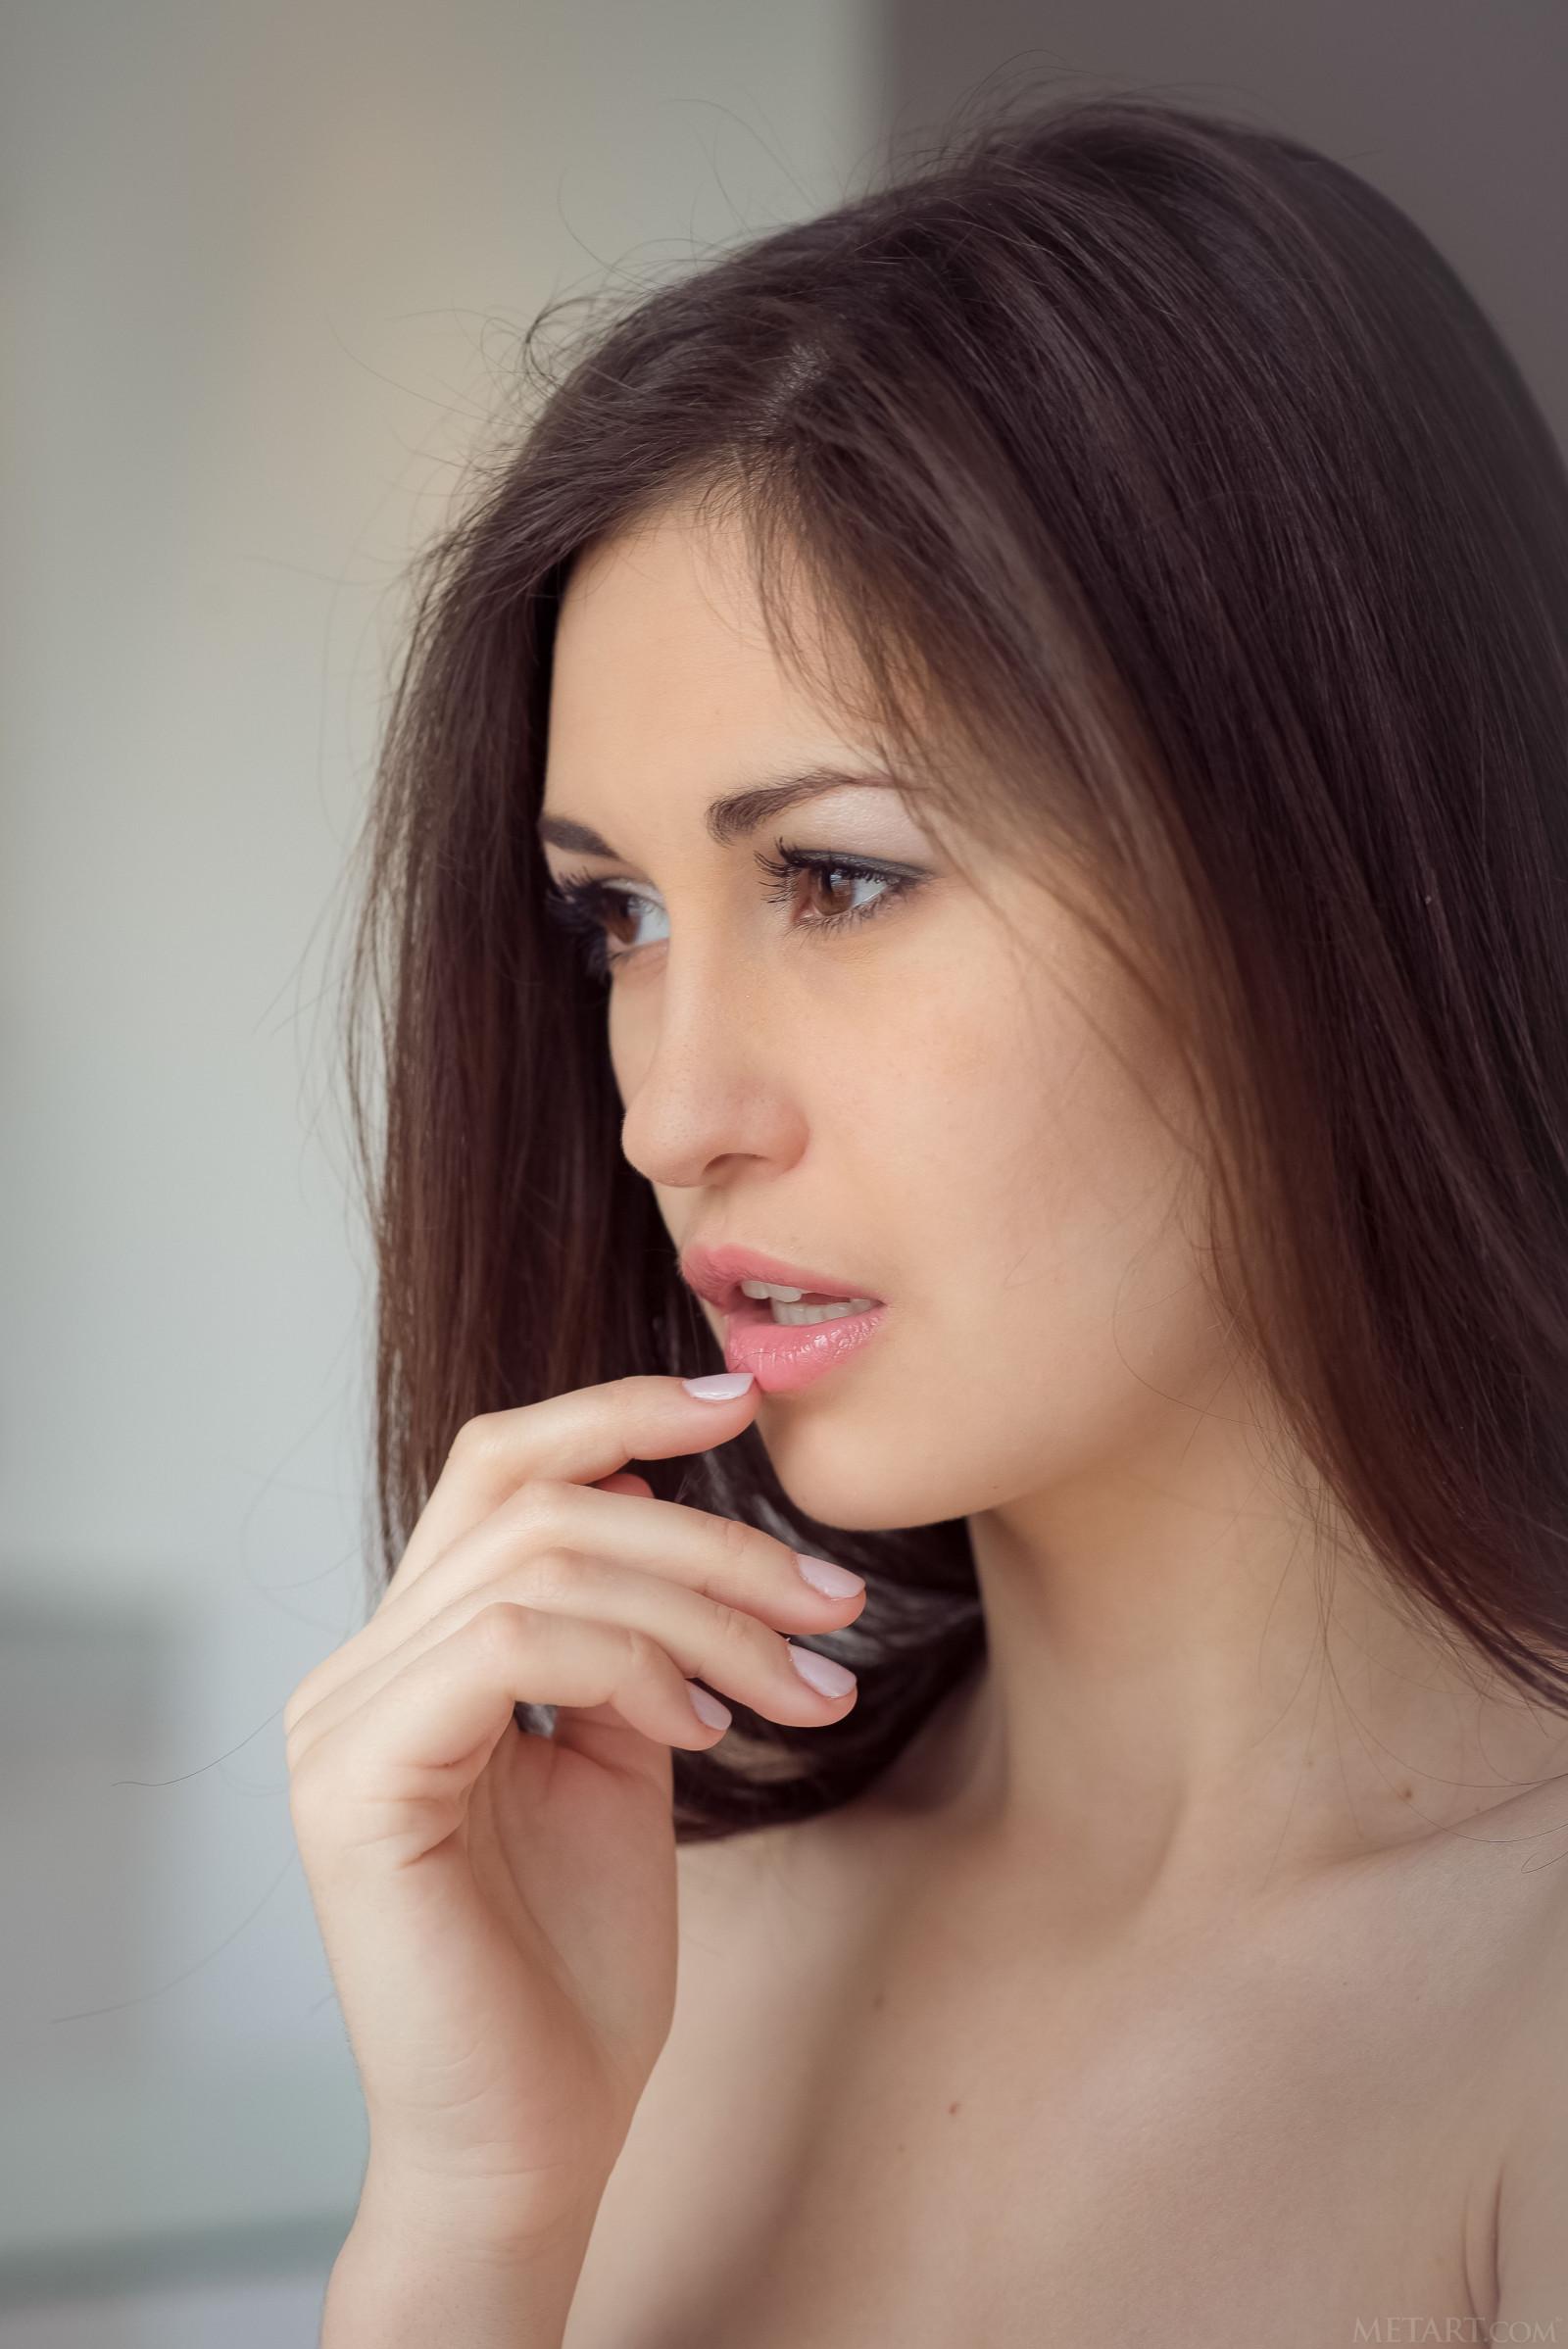 Pics brunette